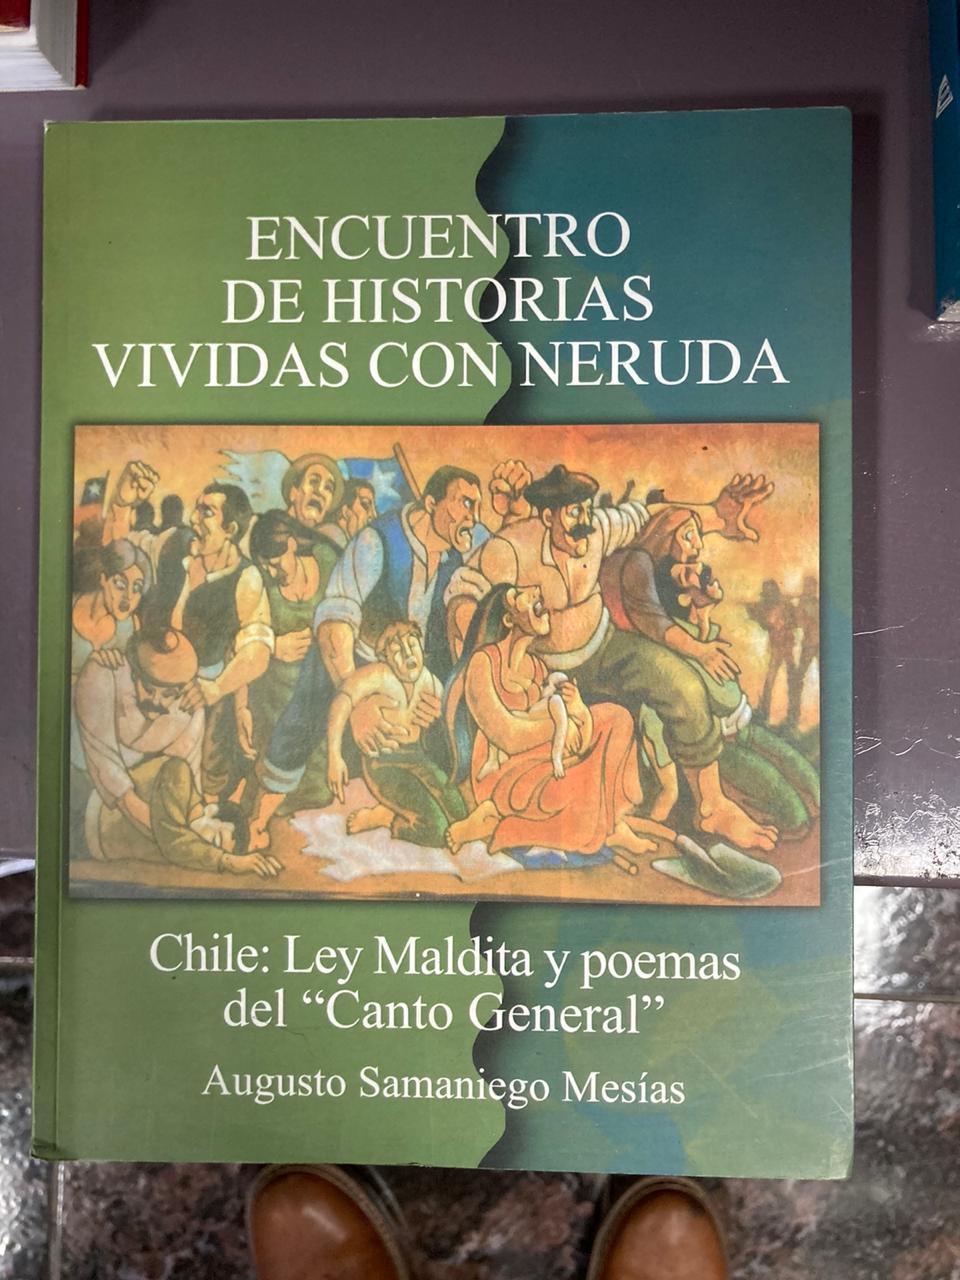 Encuentro de historias vividas con Neruda